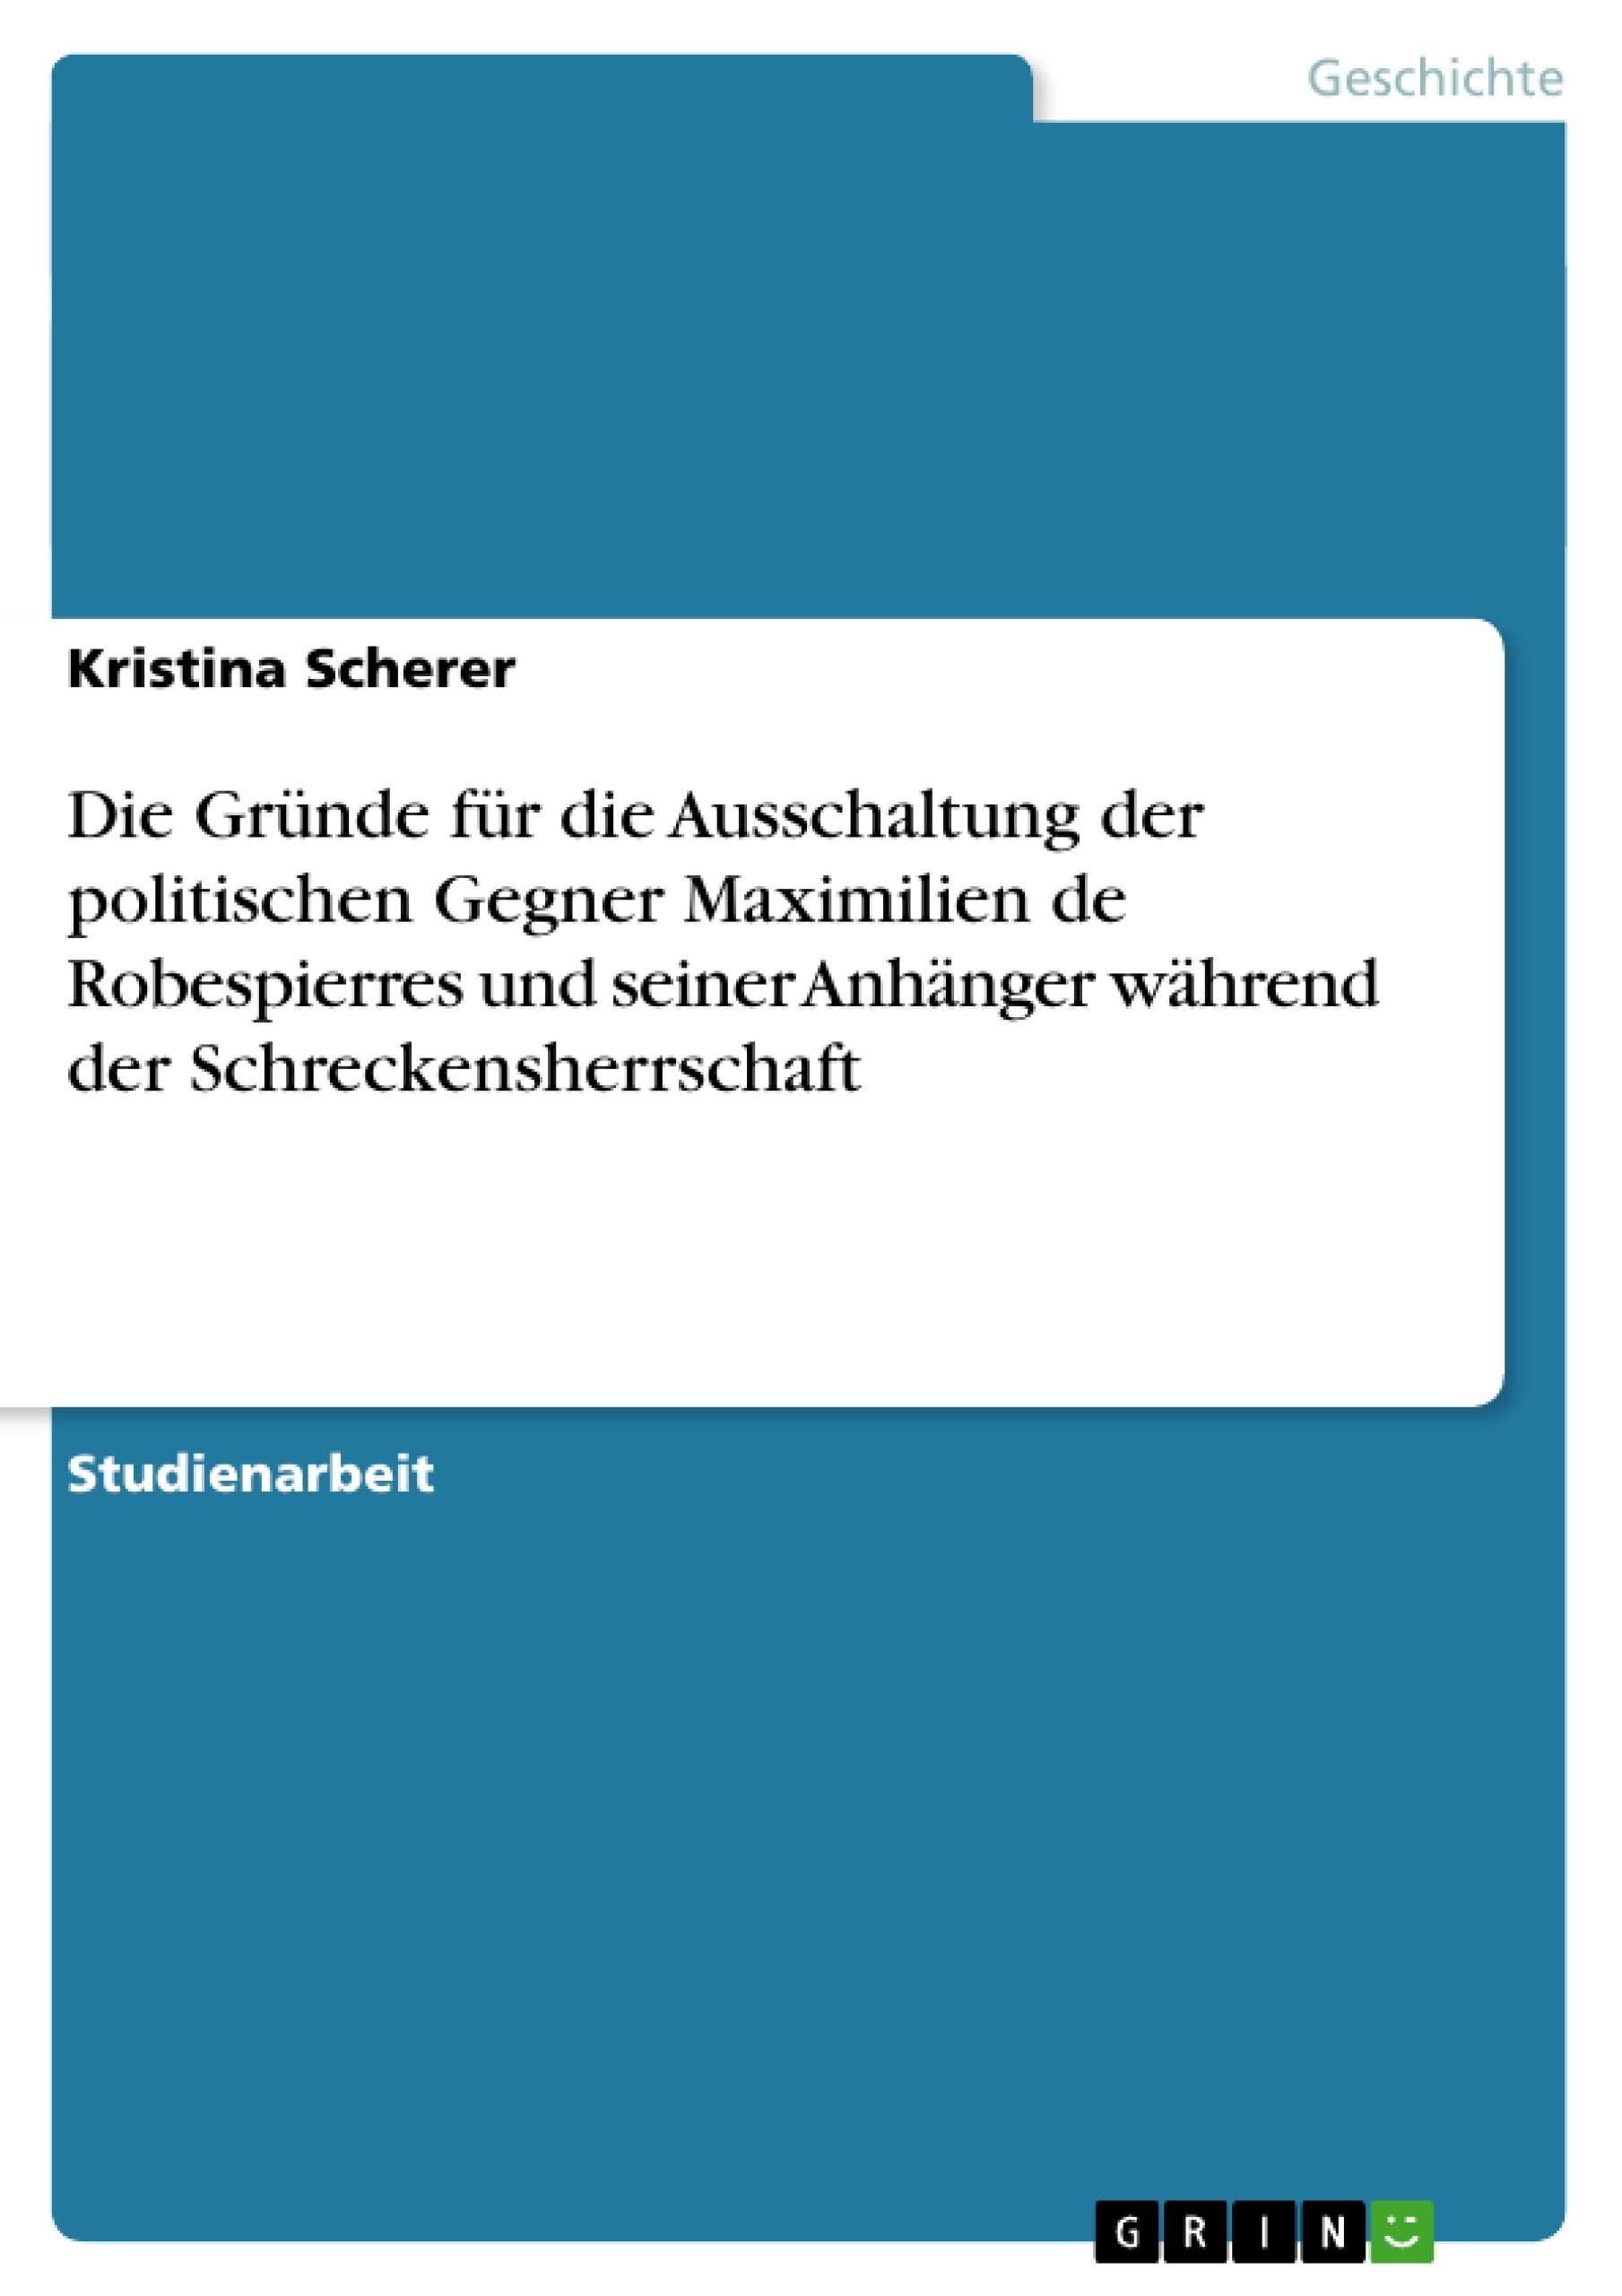 Titel: Die Gründe für die Ausschaltung der politischen Gegner Maximilien de Robespierres und seiner Anhänger während der Schreckensherrschaft